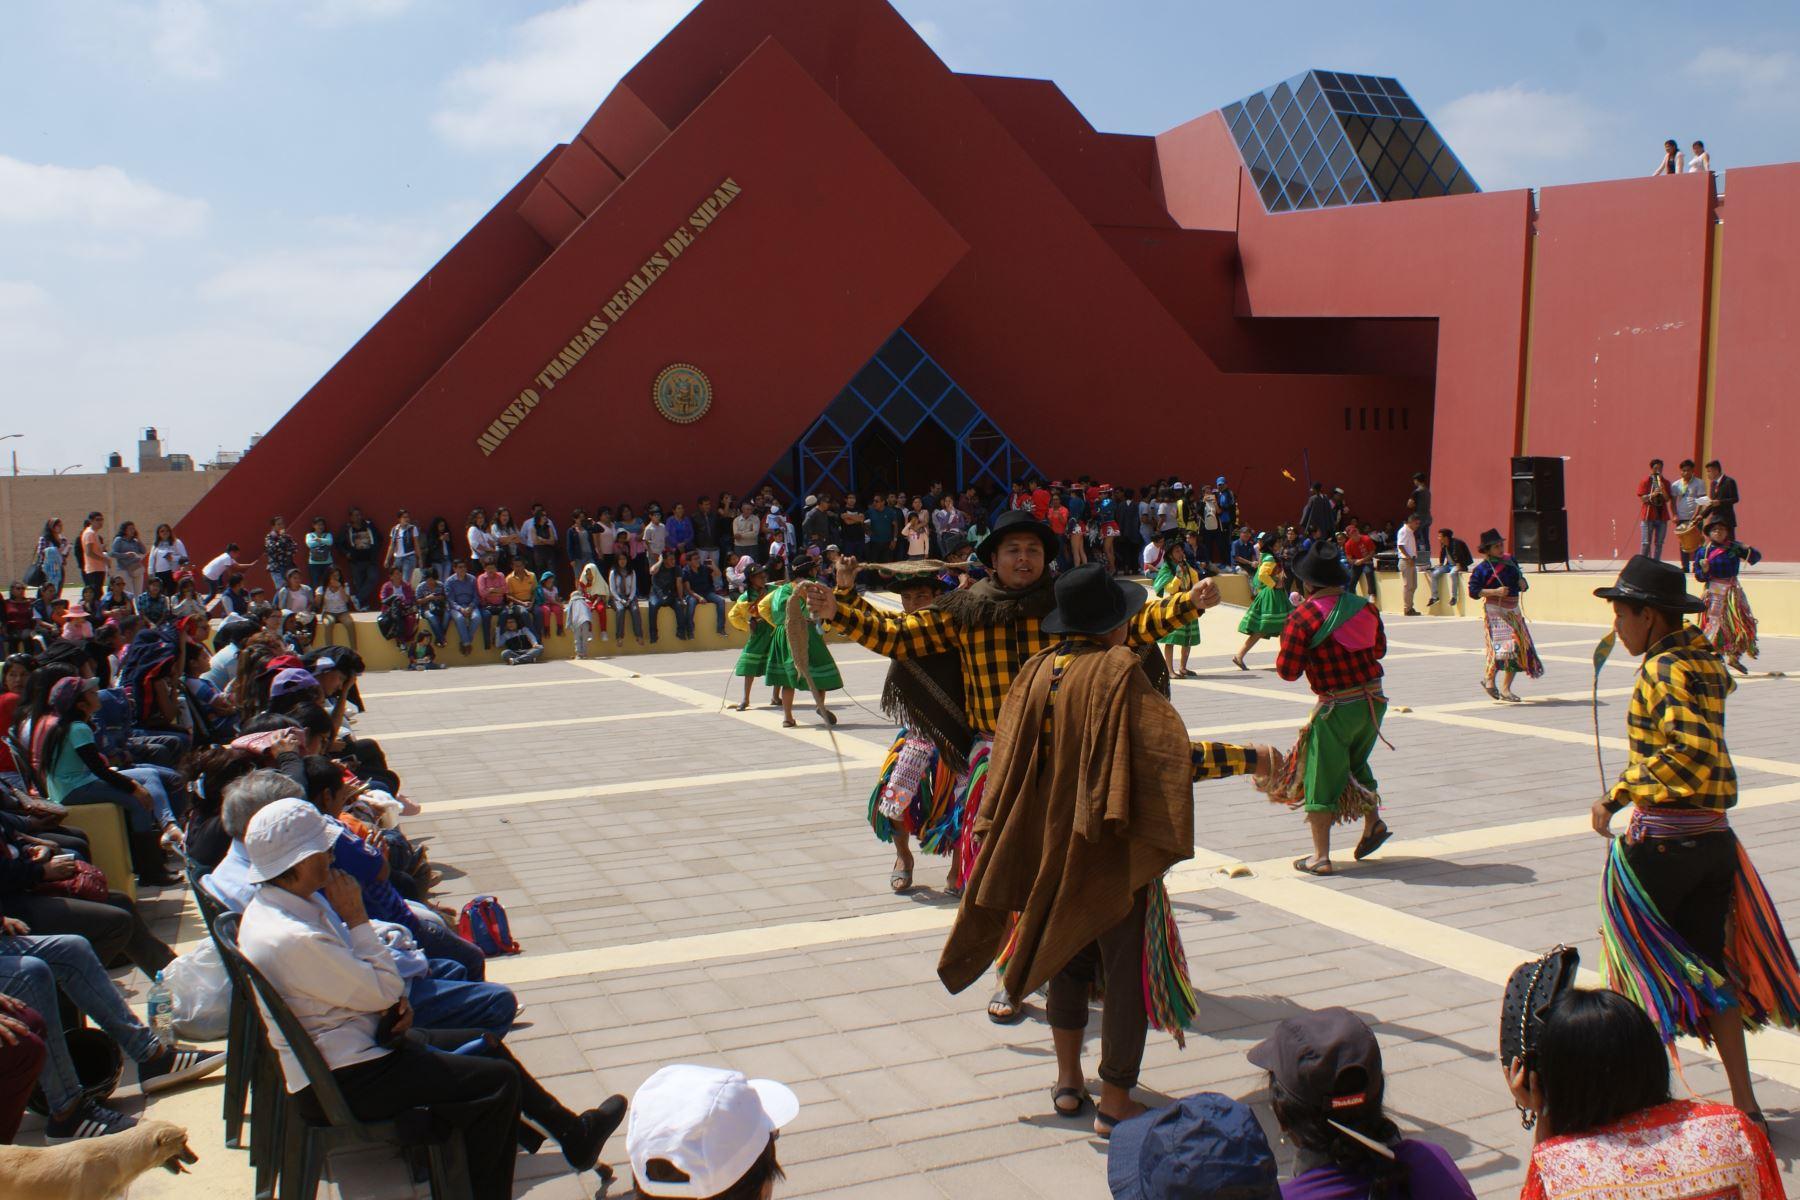 Más de 4,500 visitantes disfrutaron de Festival Internacional de Danzas en museo Tumbas Reales de Sipán, en Lambayeque. ANDINA